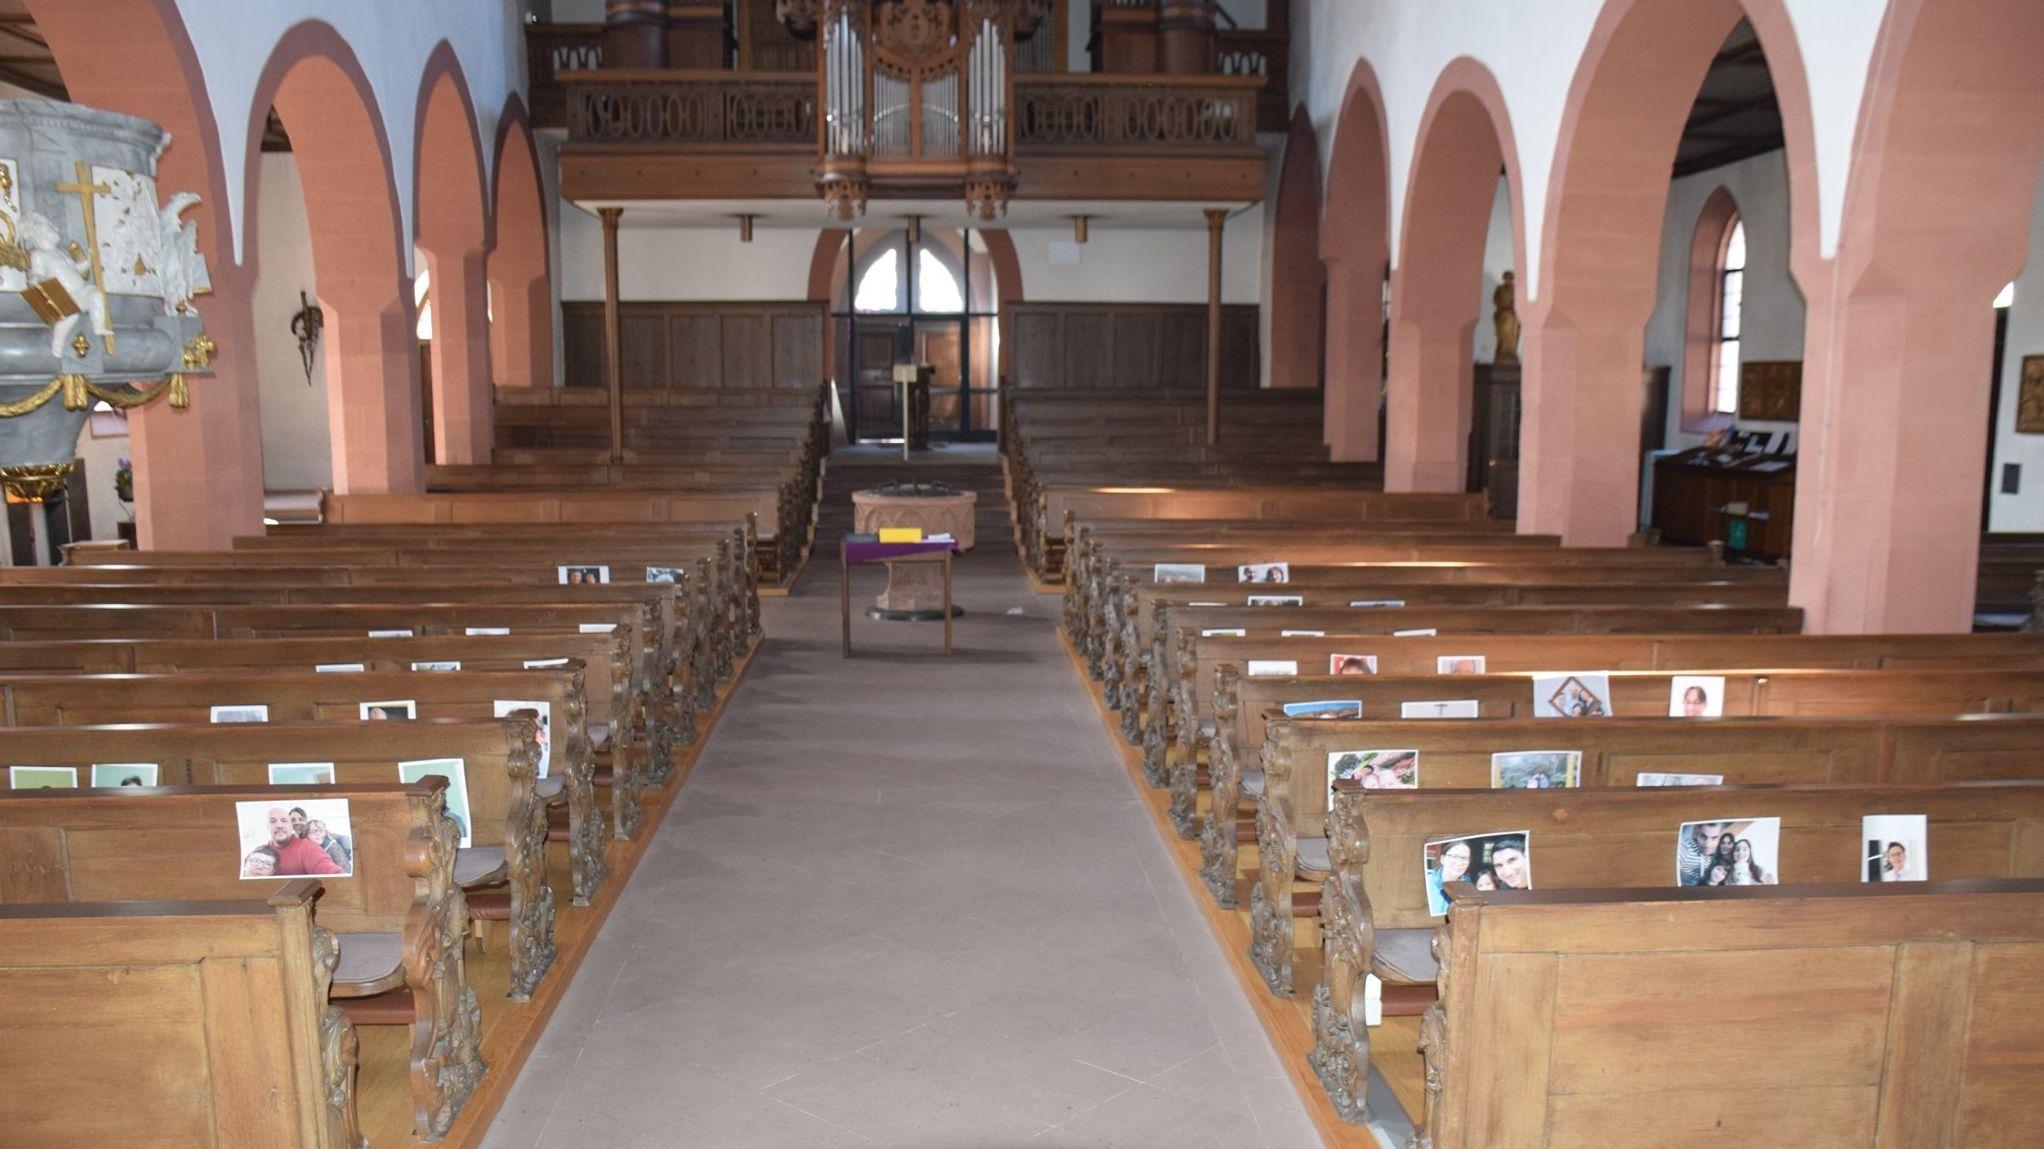 Die Stadtpfarrkirche Lohr hängt Selfies in der Kirche auf.